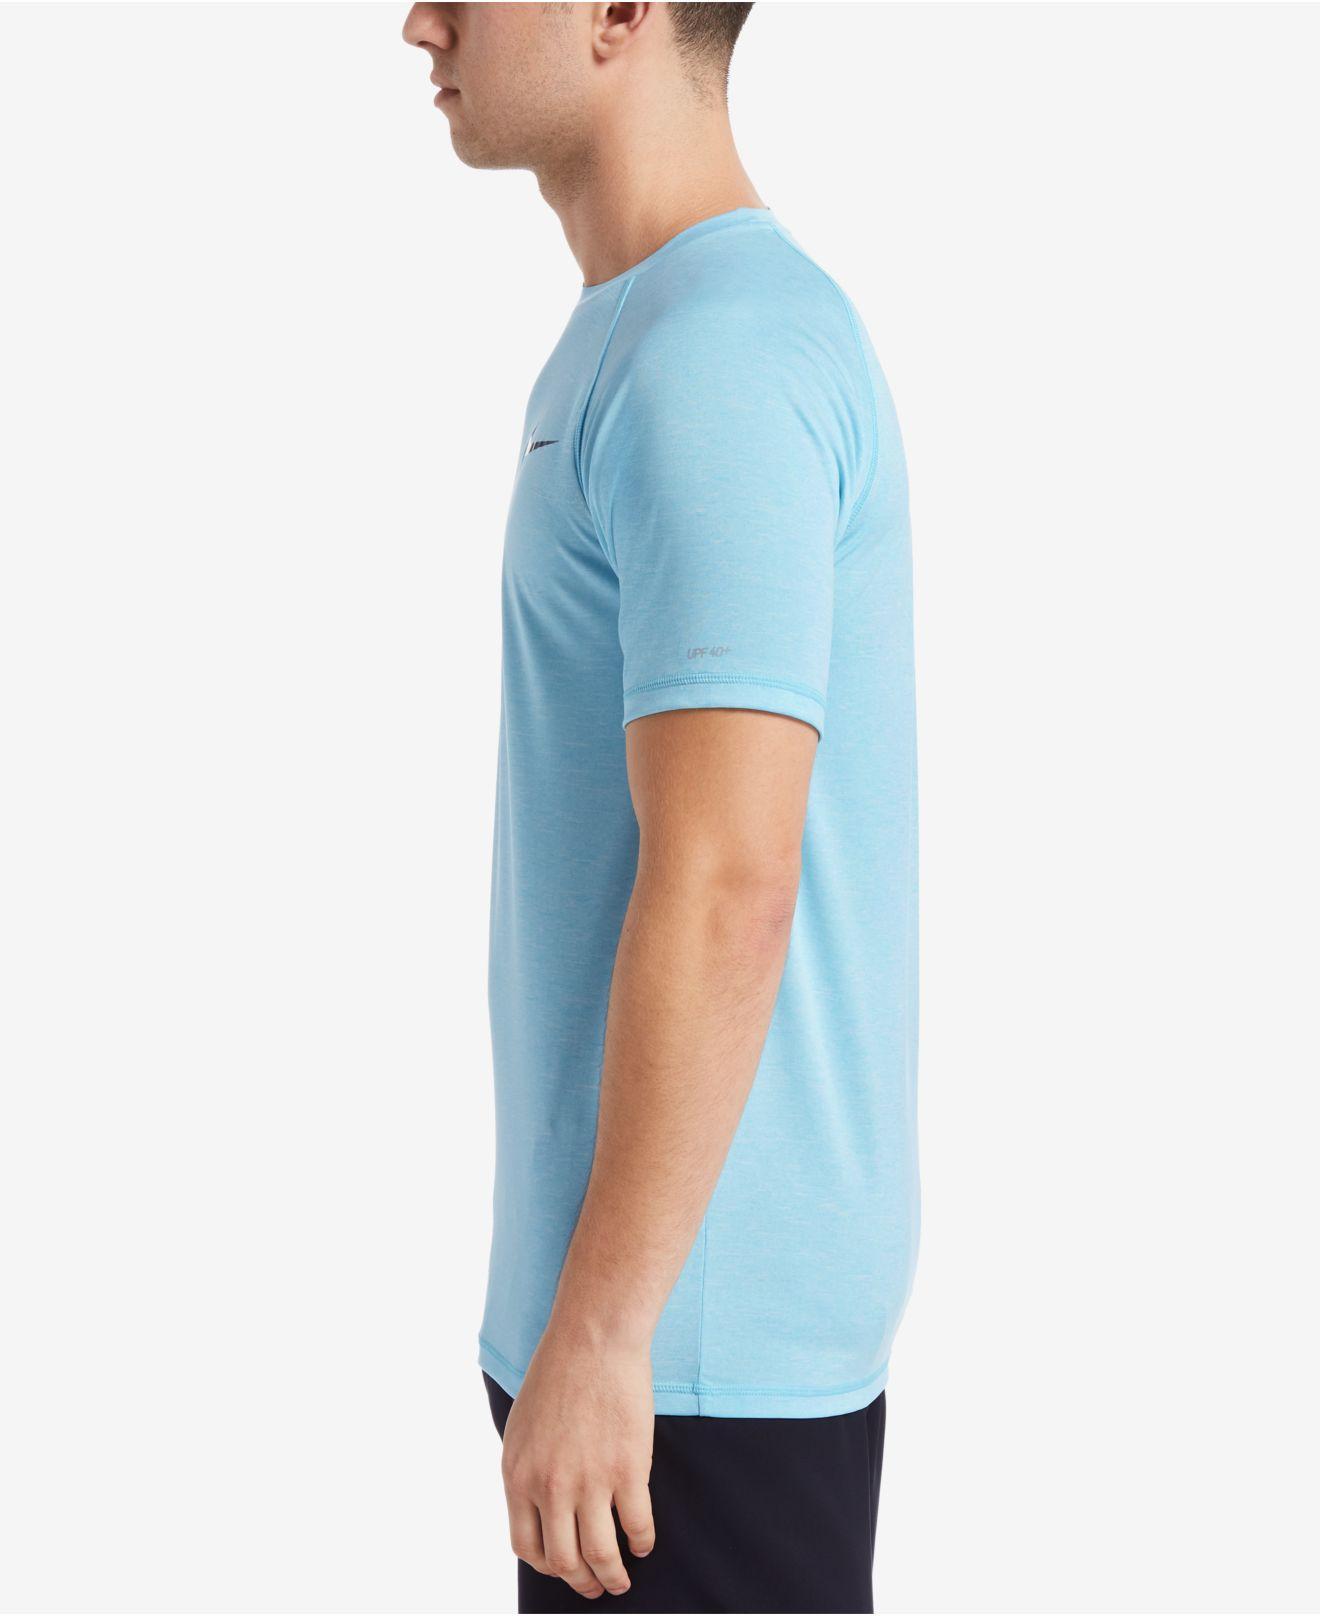 85babaec Nike - Blue Big & Tall Dri-fit Heather Hydroguard Upf 40 Rashguard Swim Tee.  View fullscreen